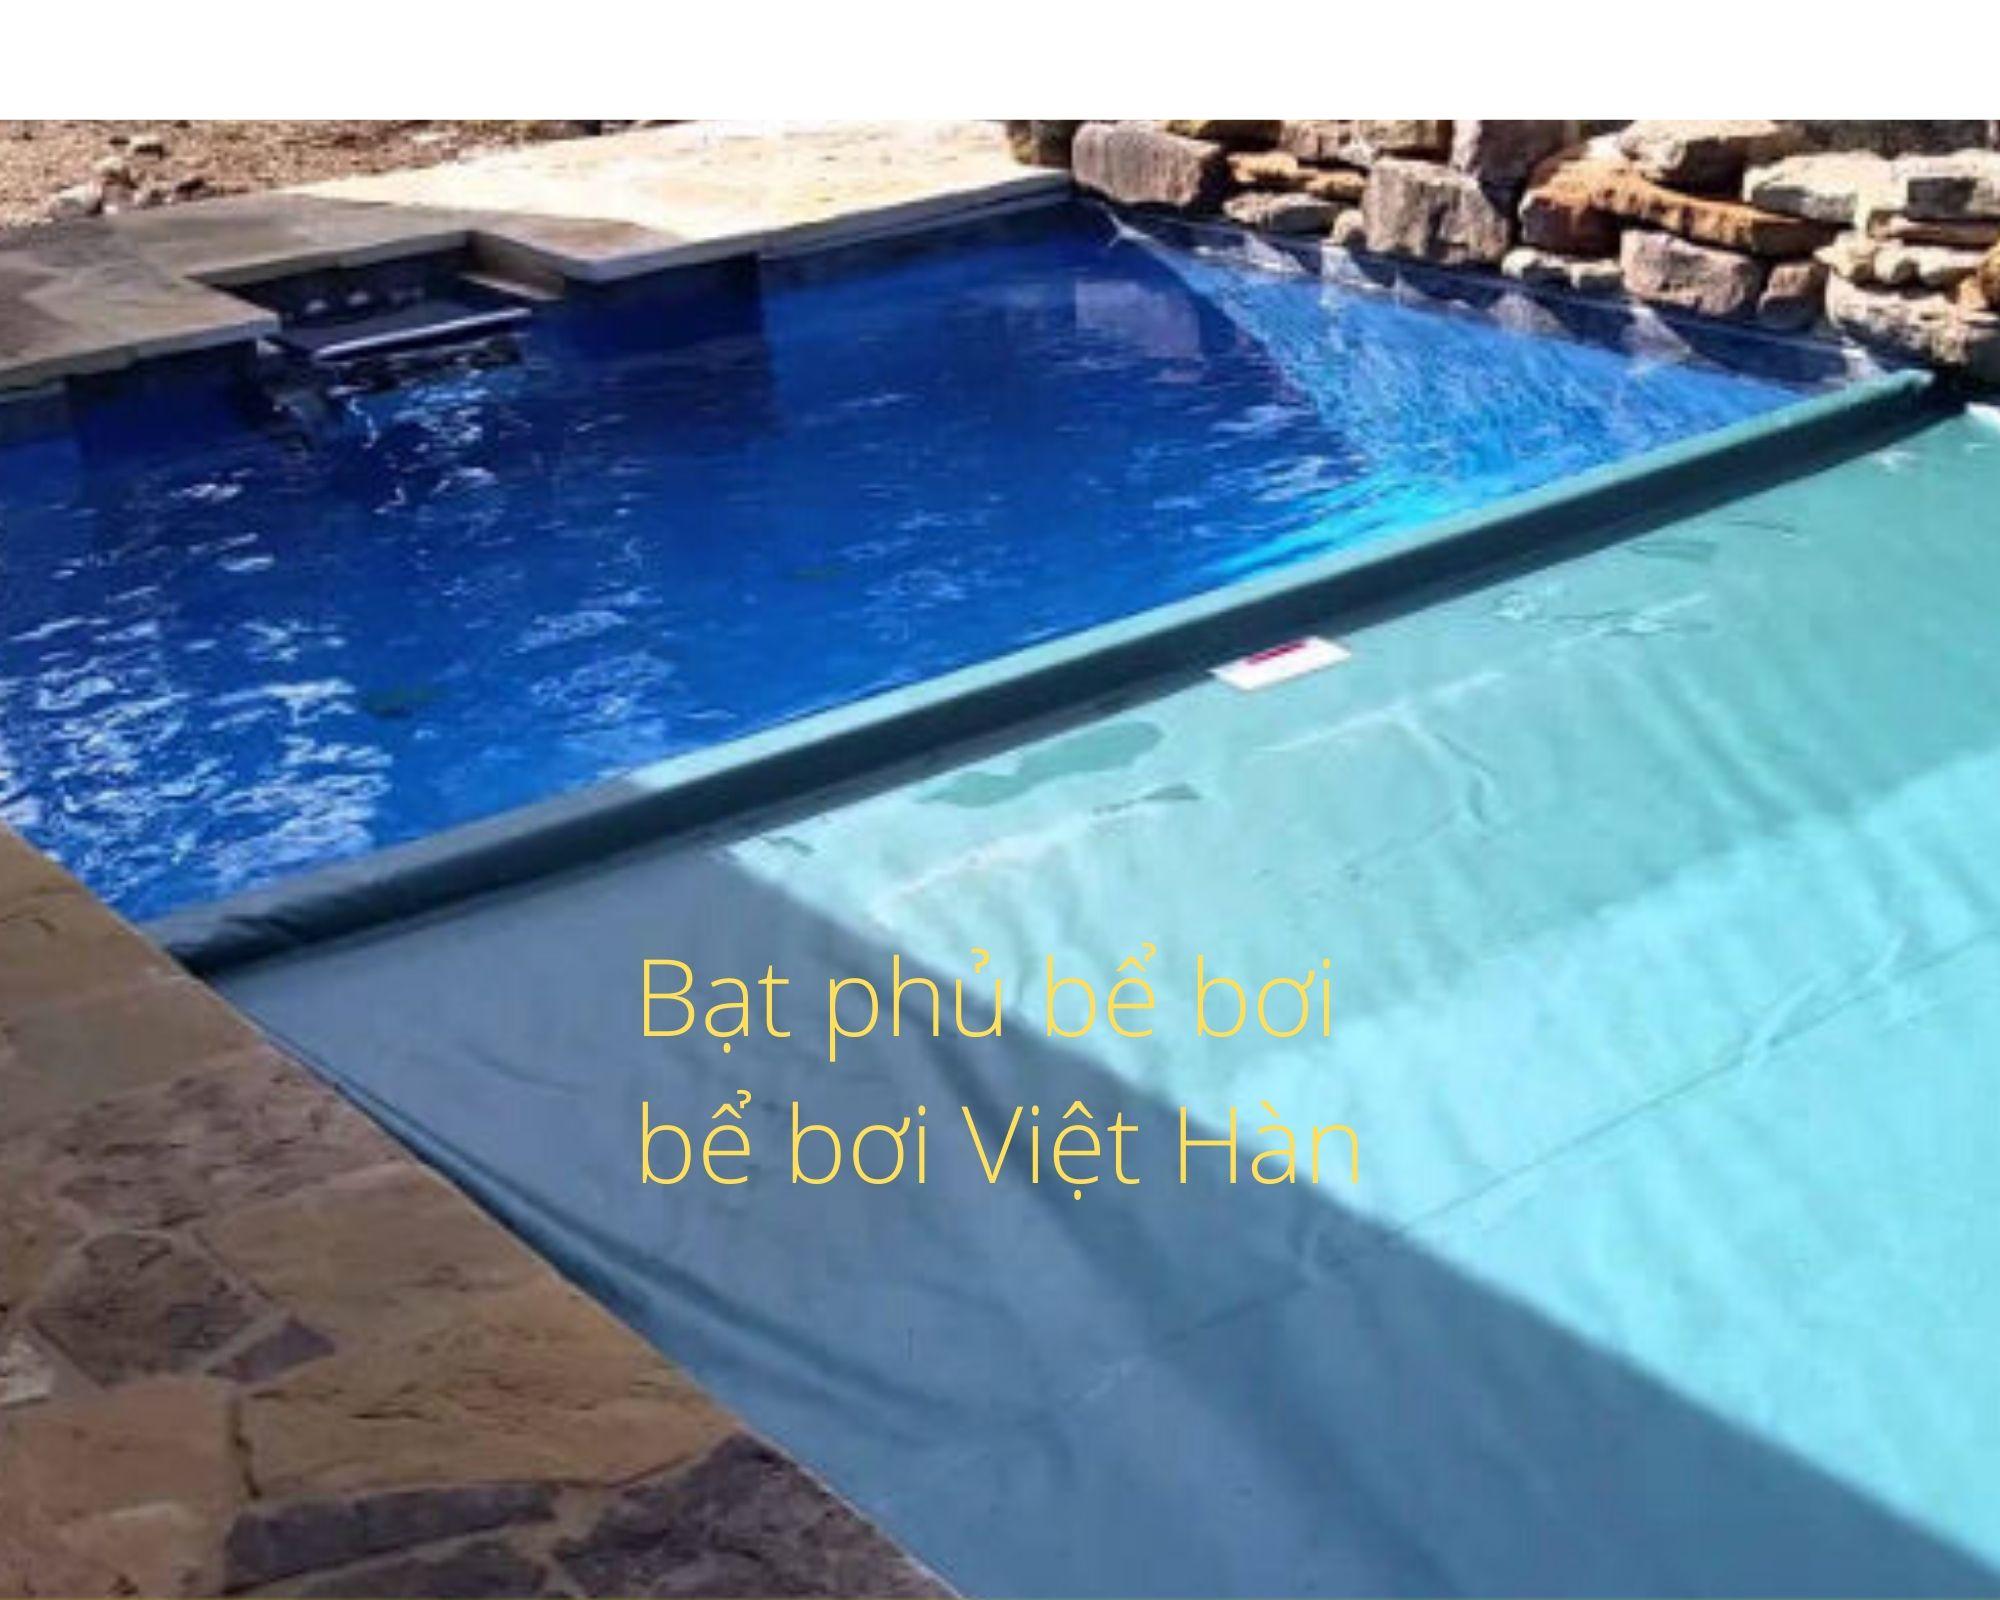 bạt che phủ bể bơi Việt Hàn 2